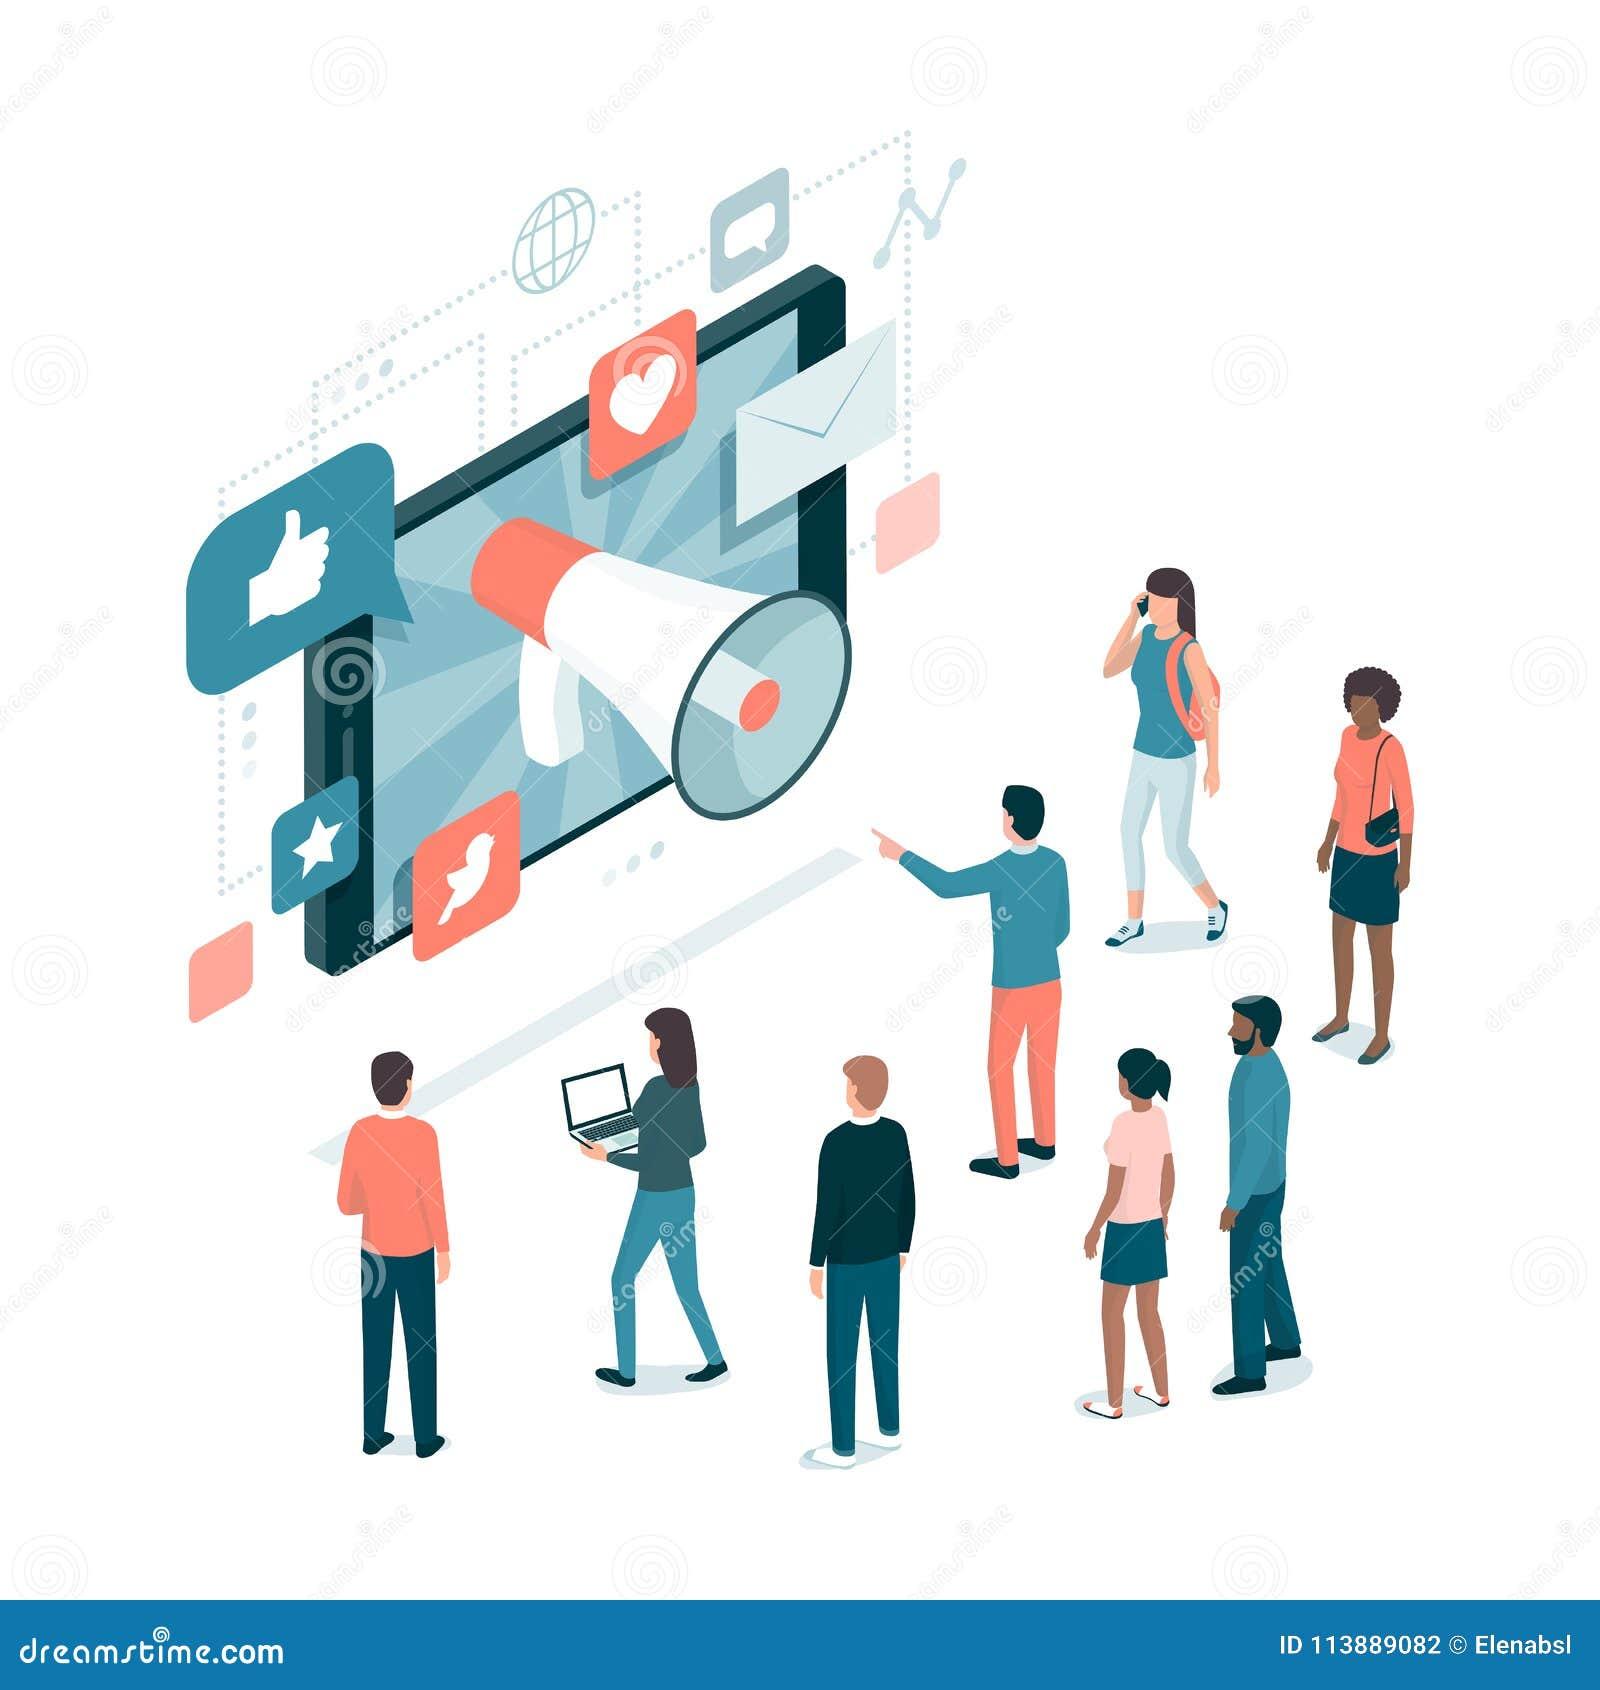 Marknadsförings- och samkvämmassmedia